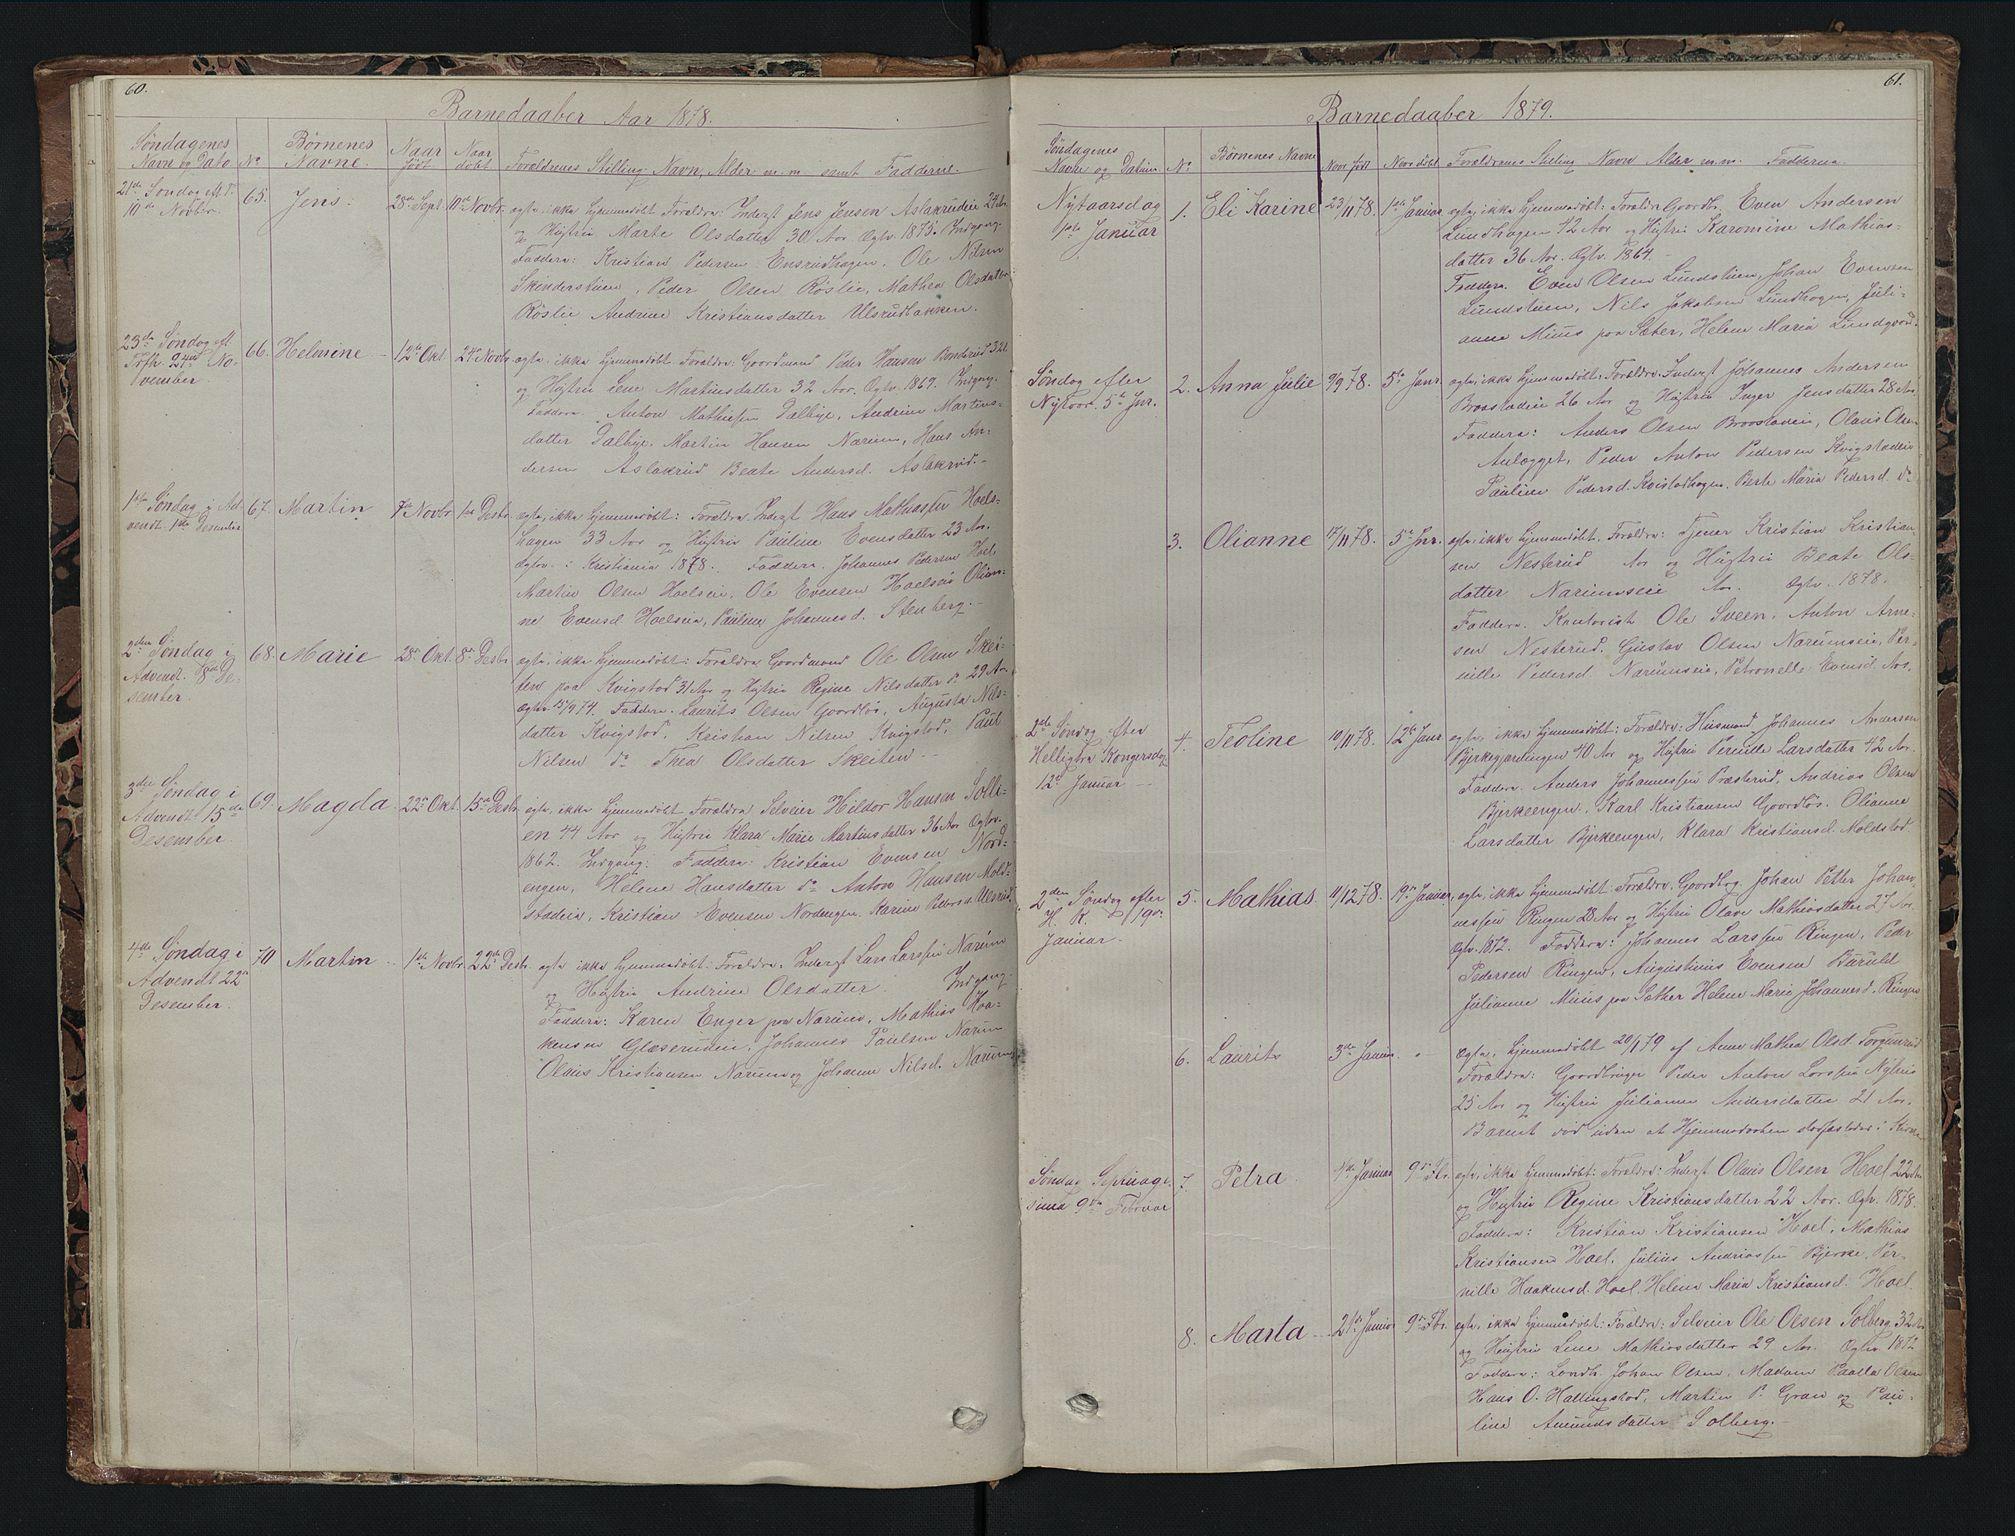 SAH, Vestre Toten prestekontor, Klokkerbok nr. 7, 1872-1900, s. 60-61